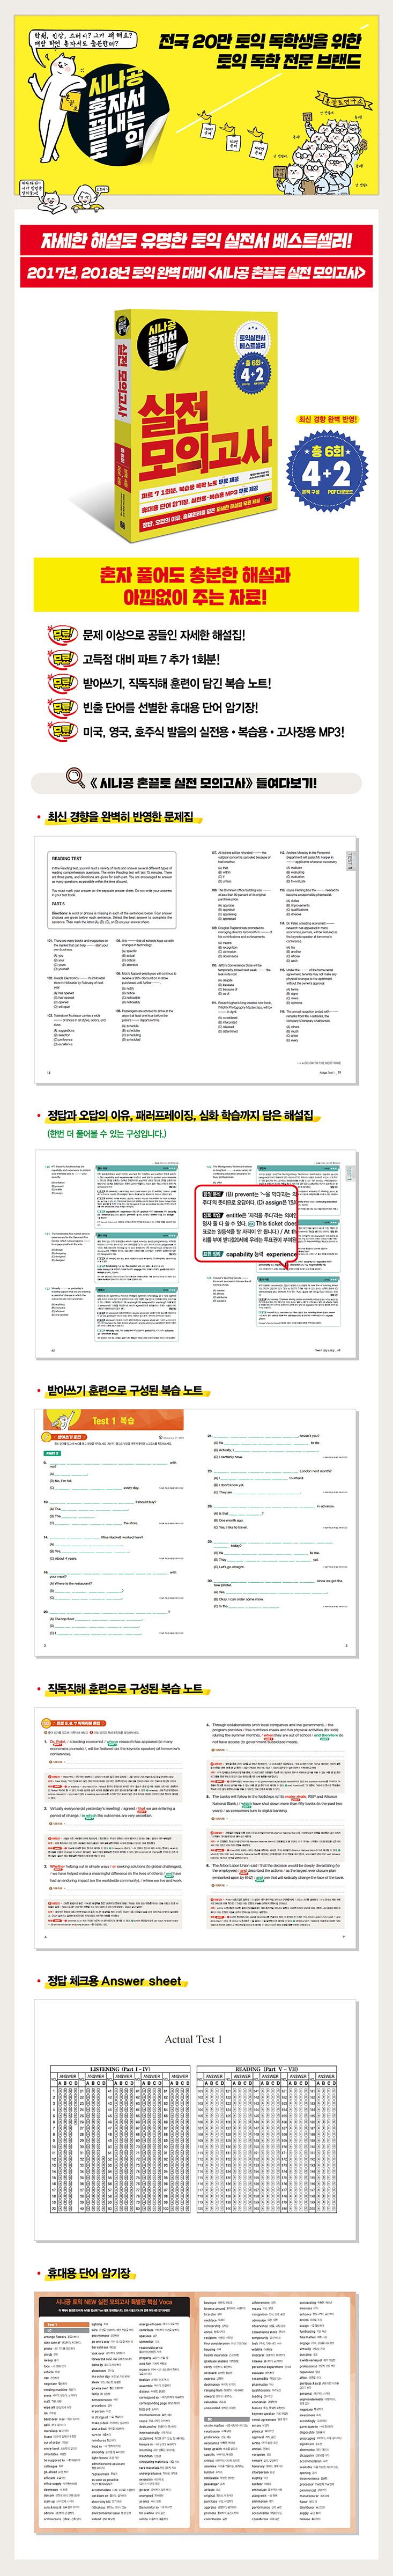 신 토익 문제 pdf